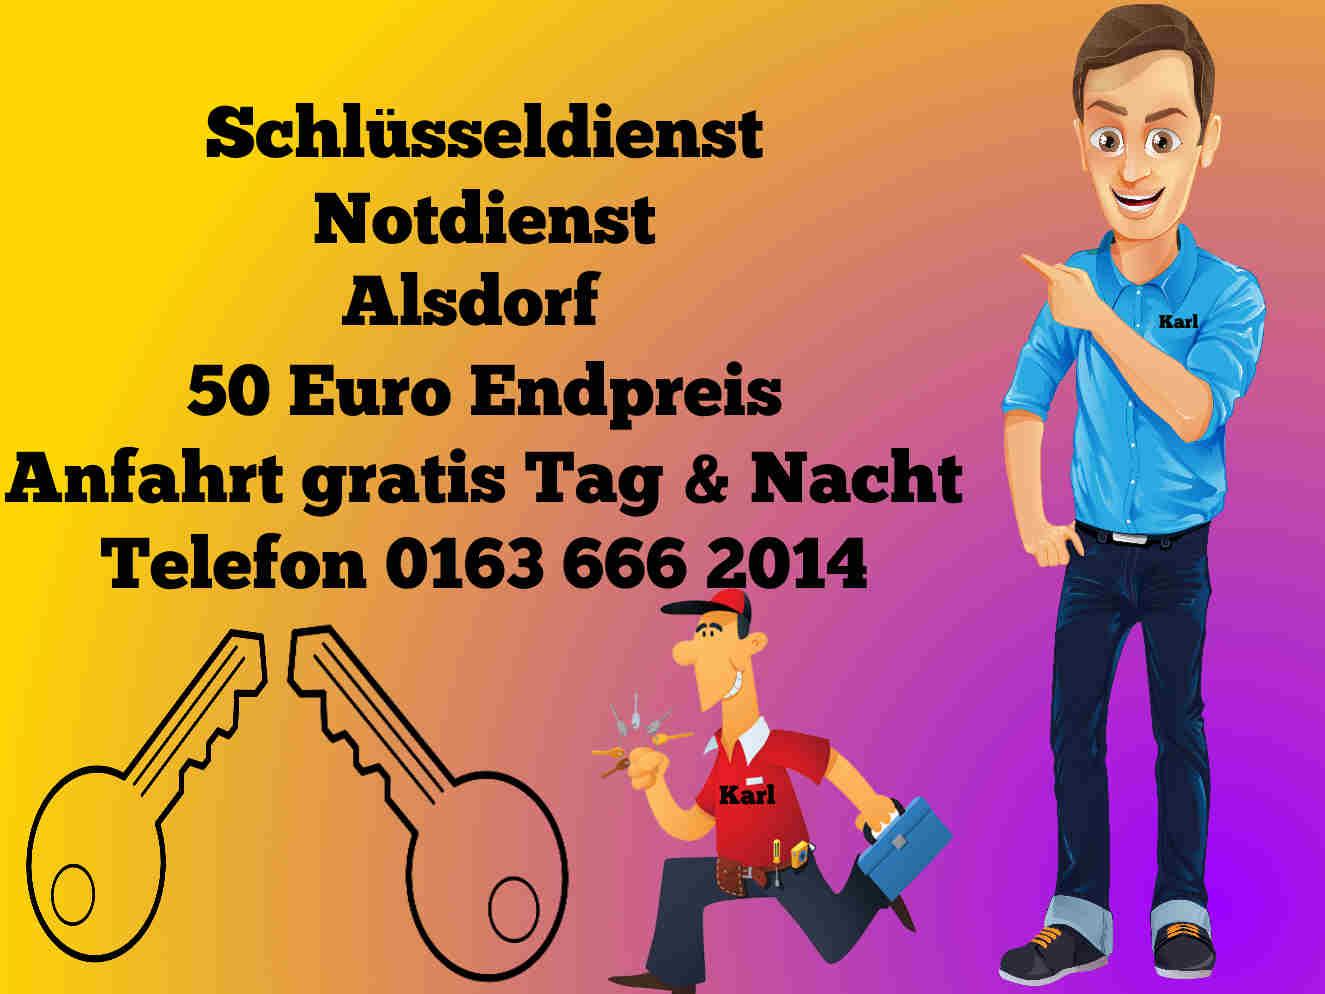 Schlüsselnotdienst Alsdorf - Überall 50 Euro Endpreis - Notdienst & Tür öffnen zum Festpreis Tag und Nacht